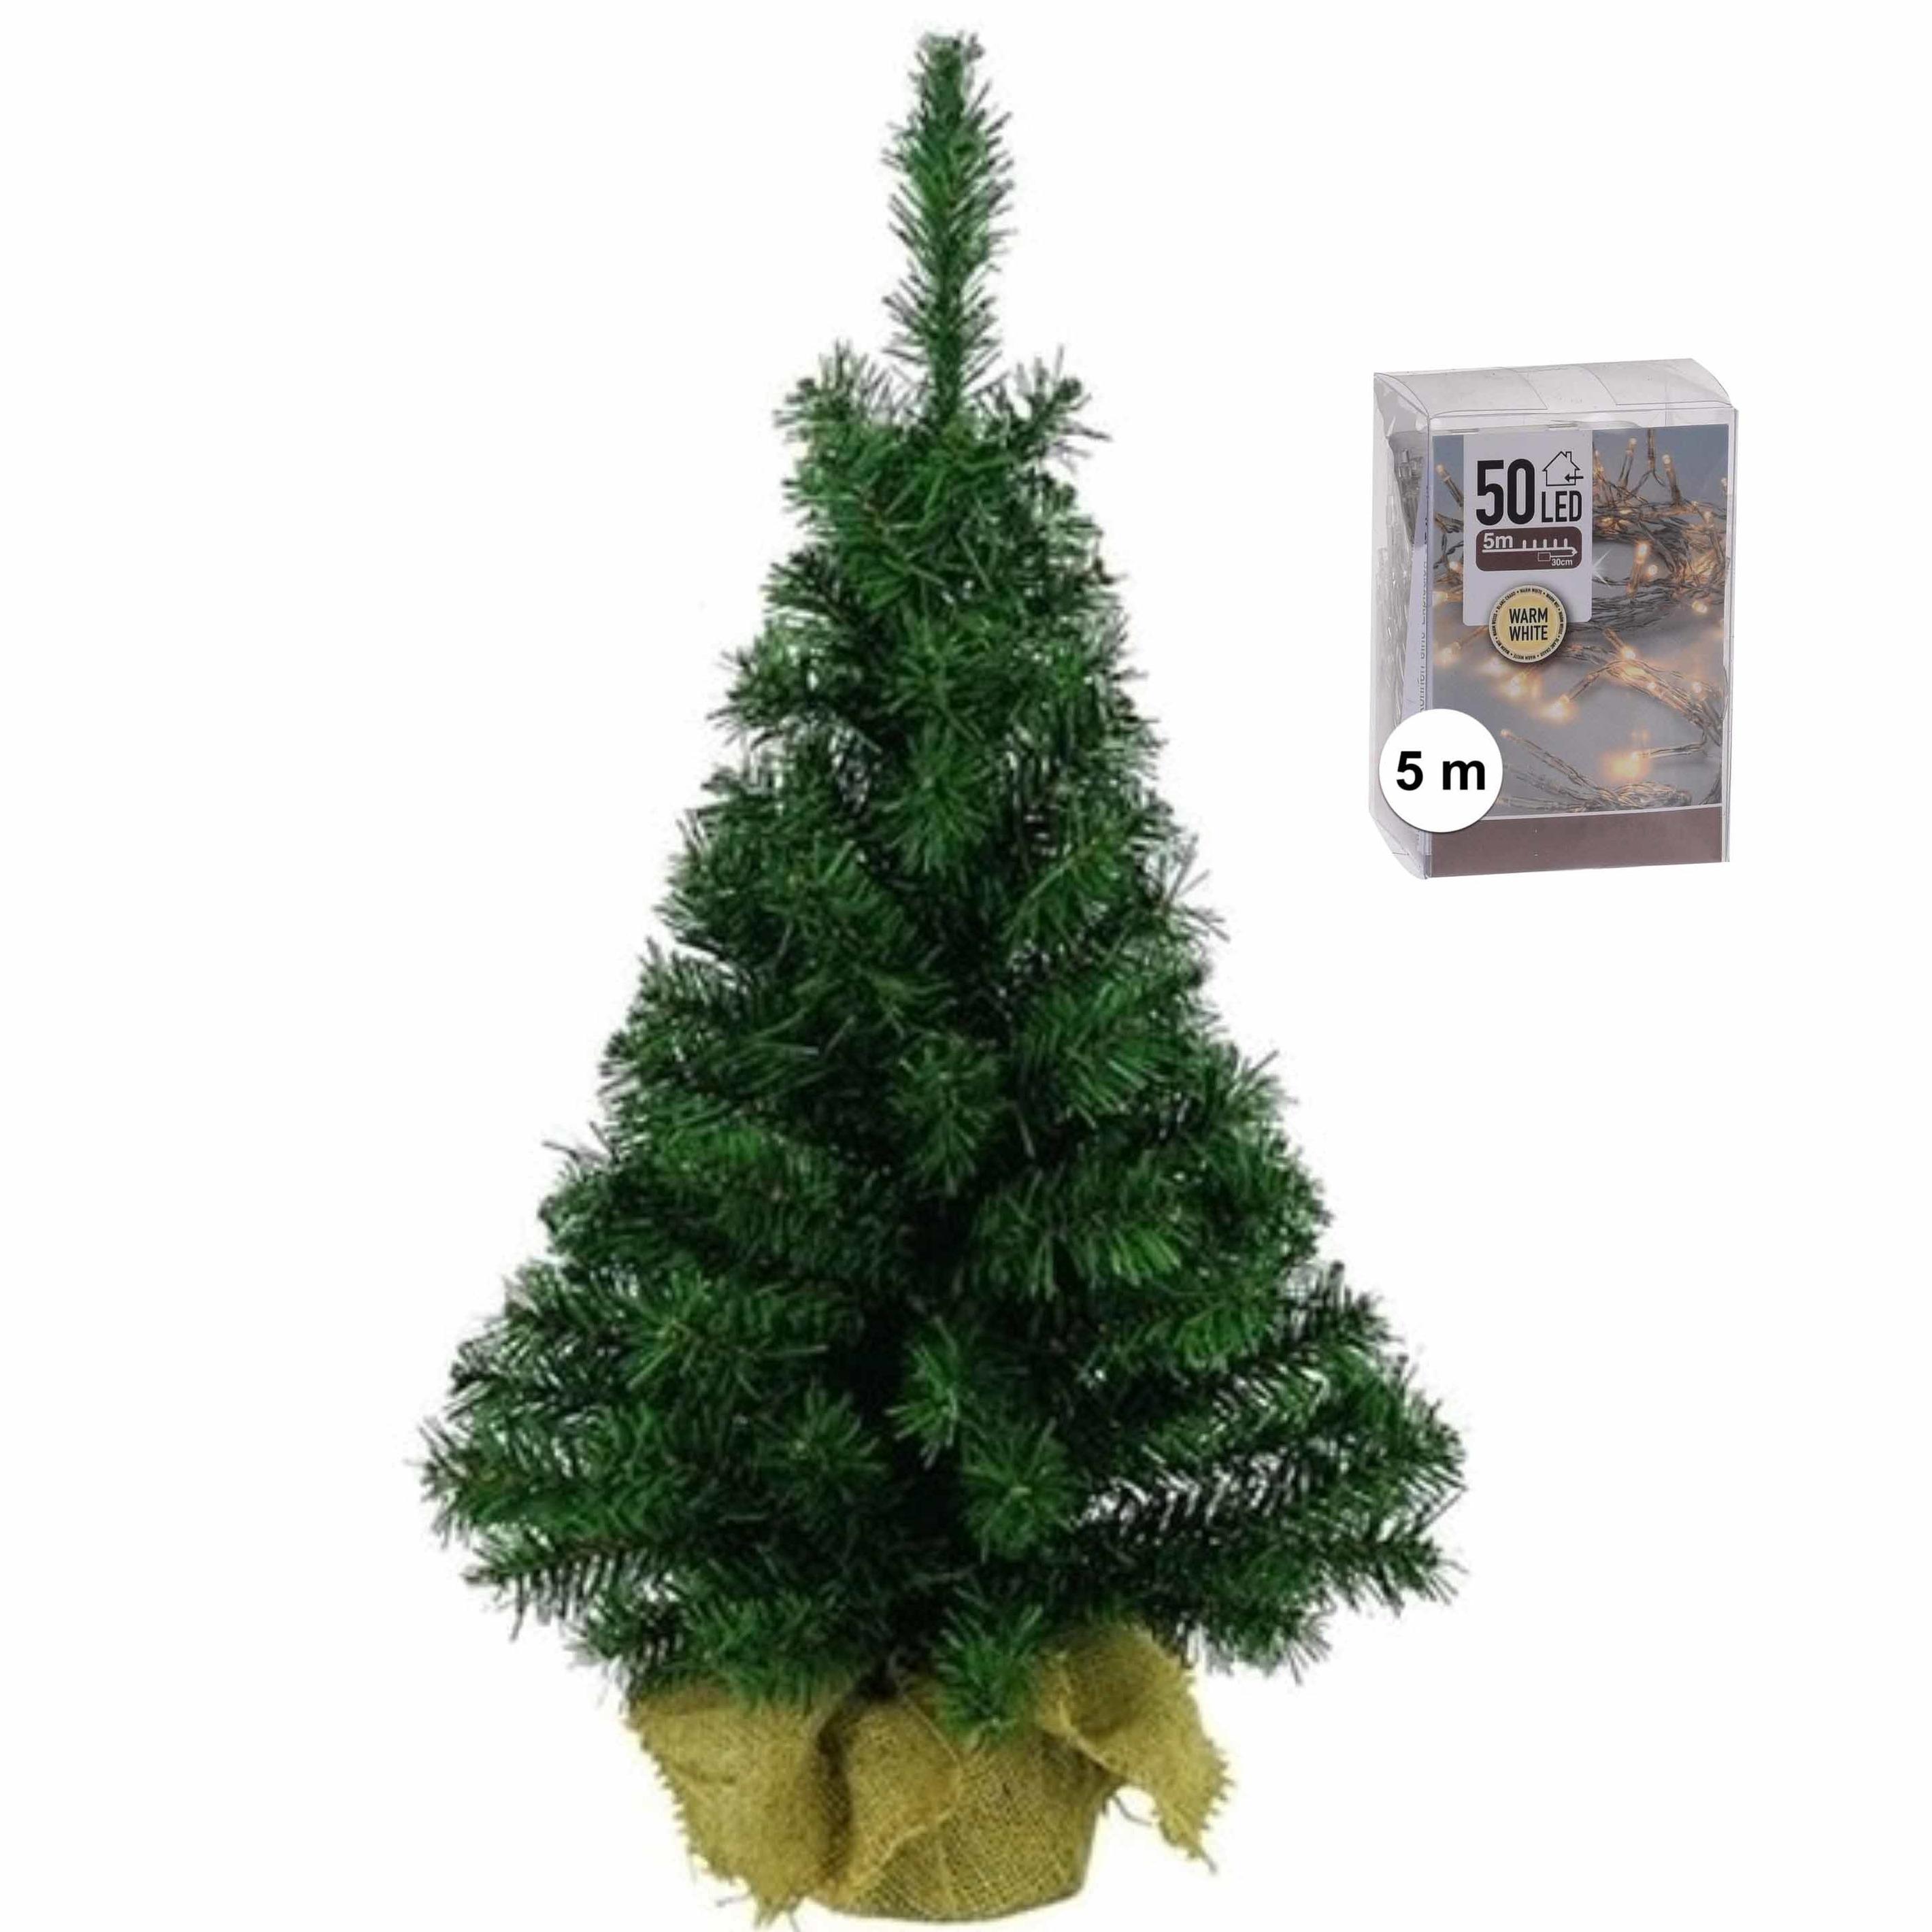 Volle mini kerstboom-kunstboom groen 45 cm inclusief warm witte kerstverlichting